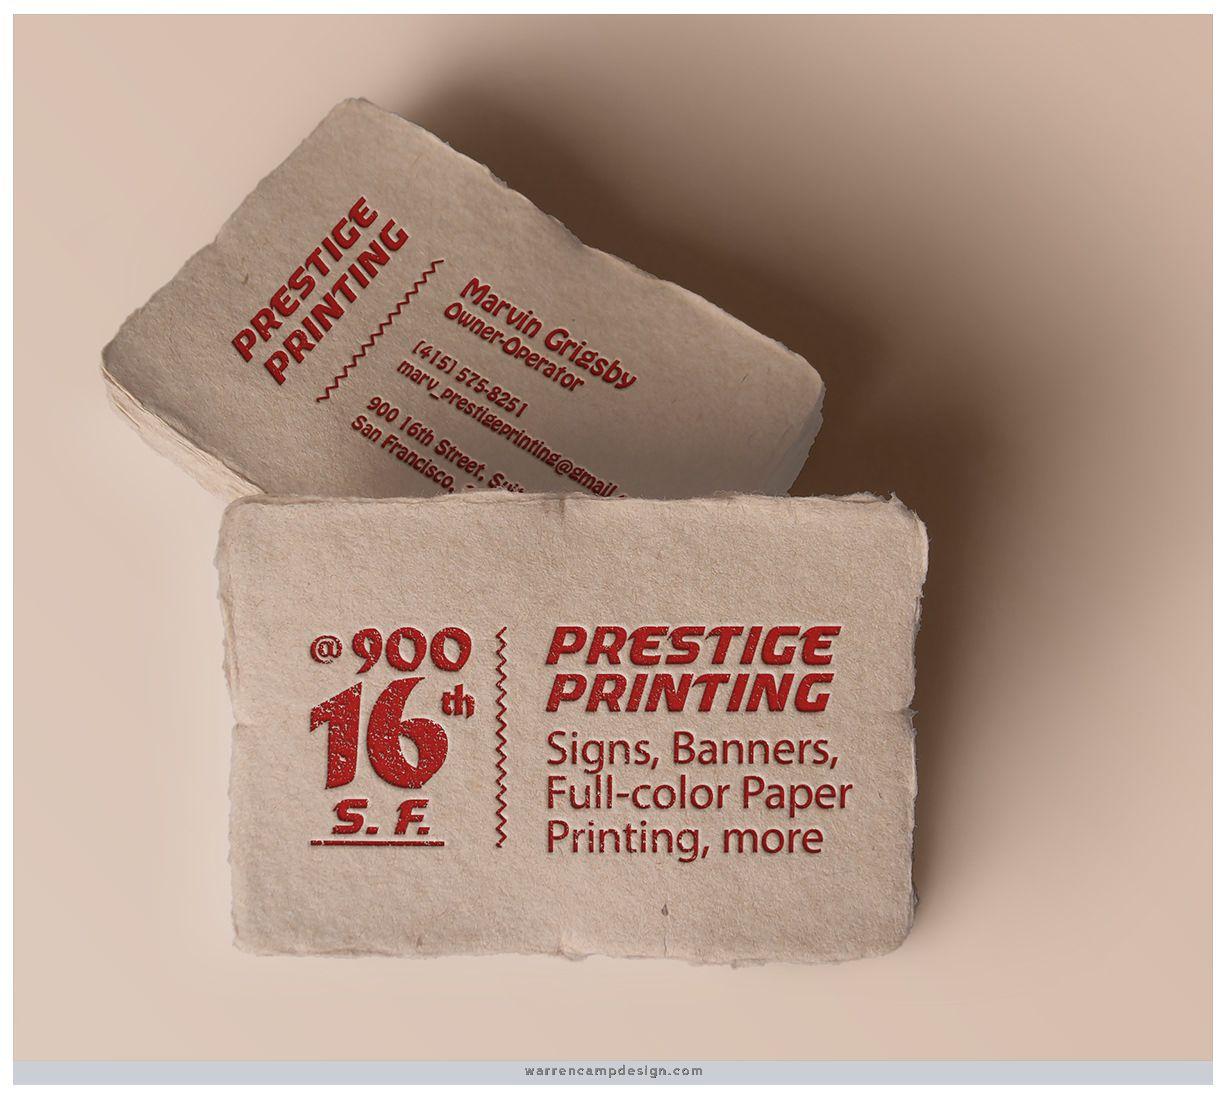 Printshop: For a San Francisco printshop owner, Warren designed a ...